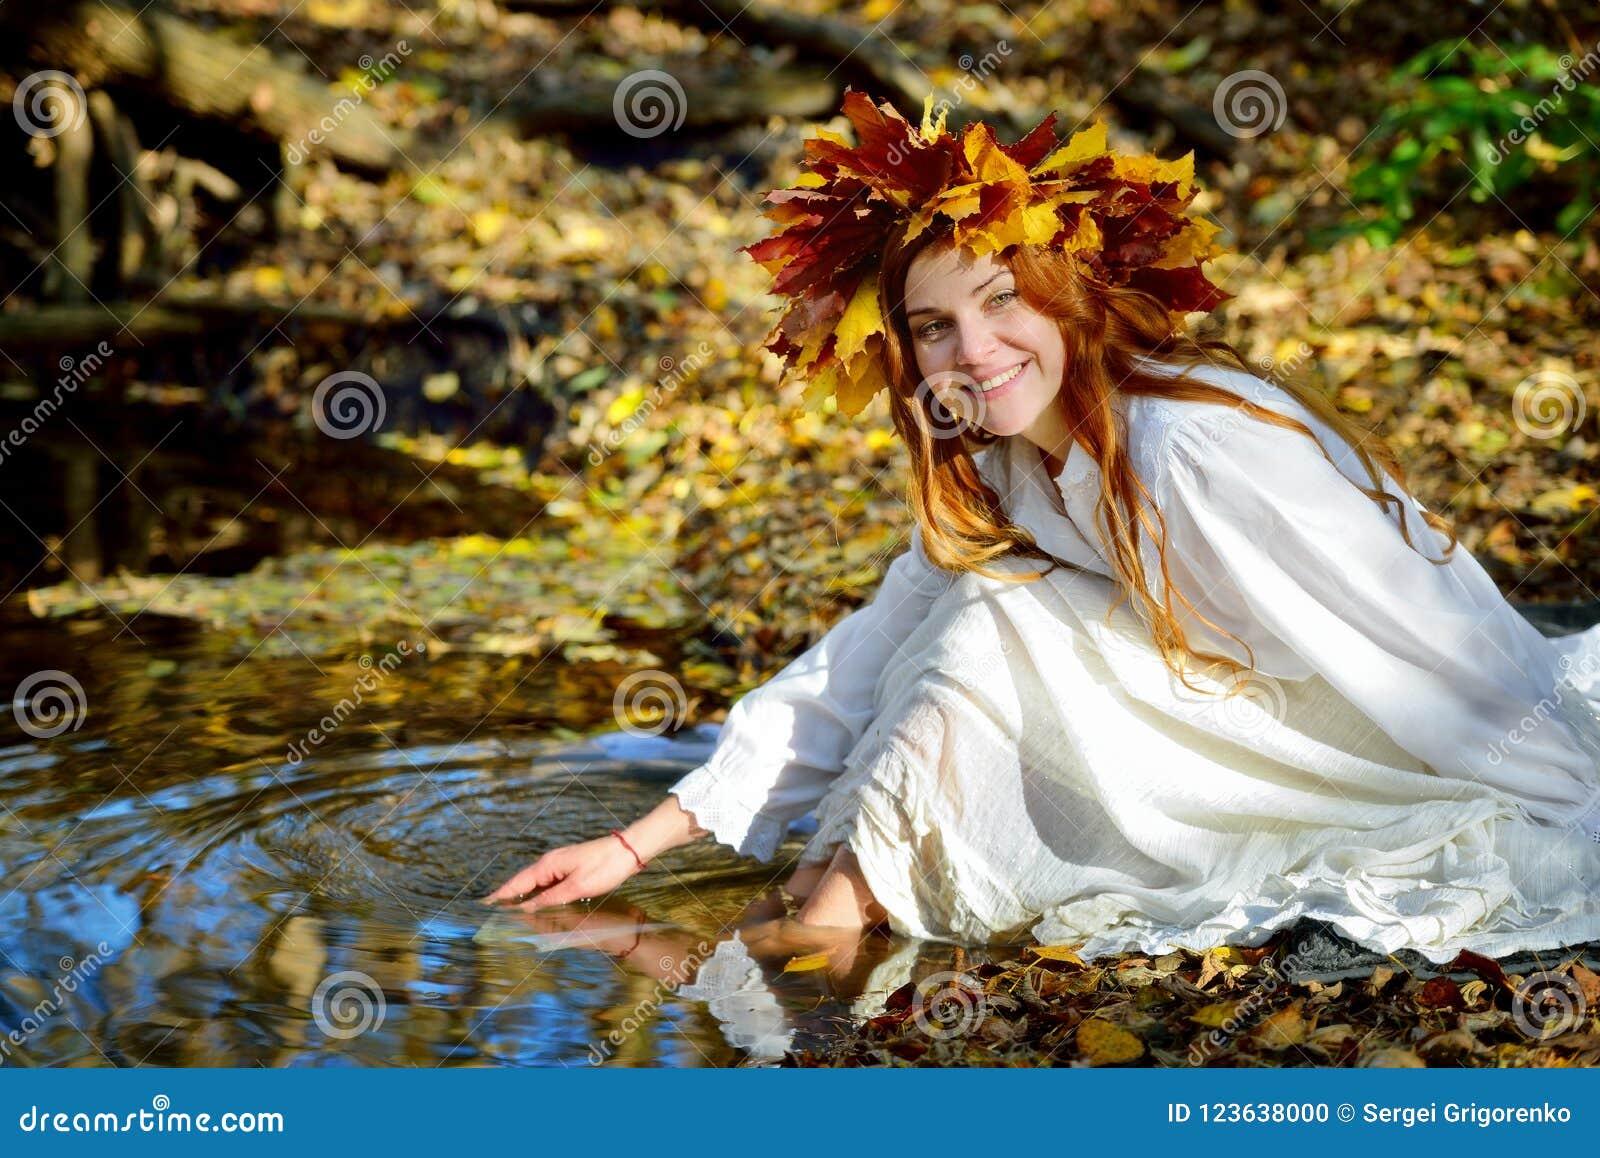 Menina no vestido branco que senta-se e que joga perto da água em uma grinalda das folhas amarelas